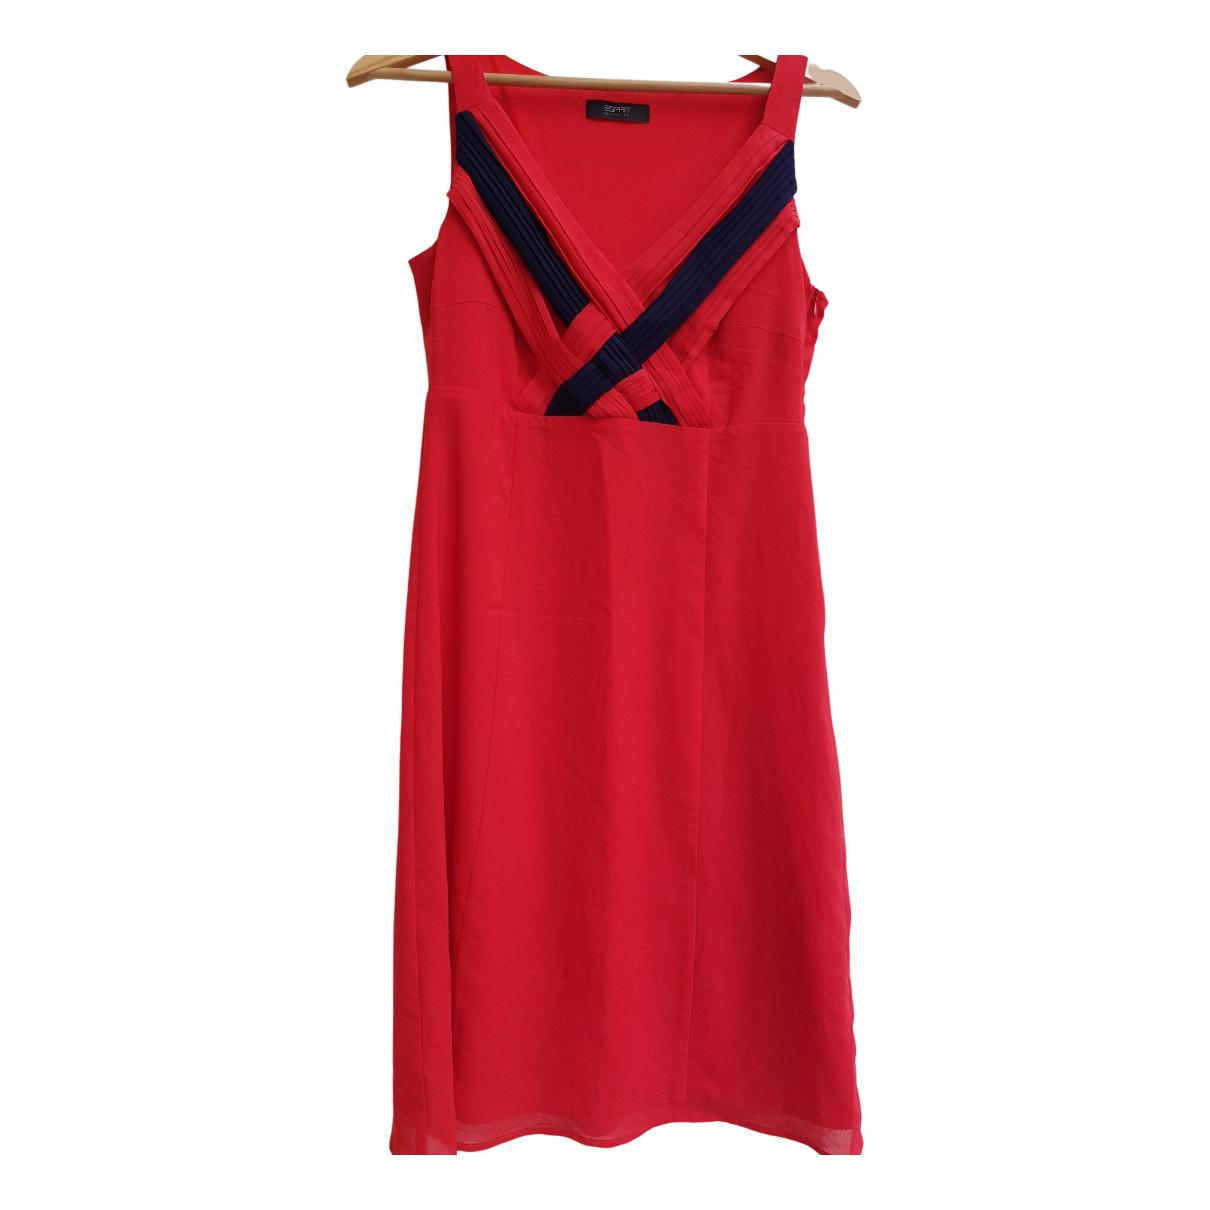 Esprit \N Kleid in  Rot Polyester